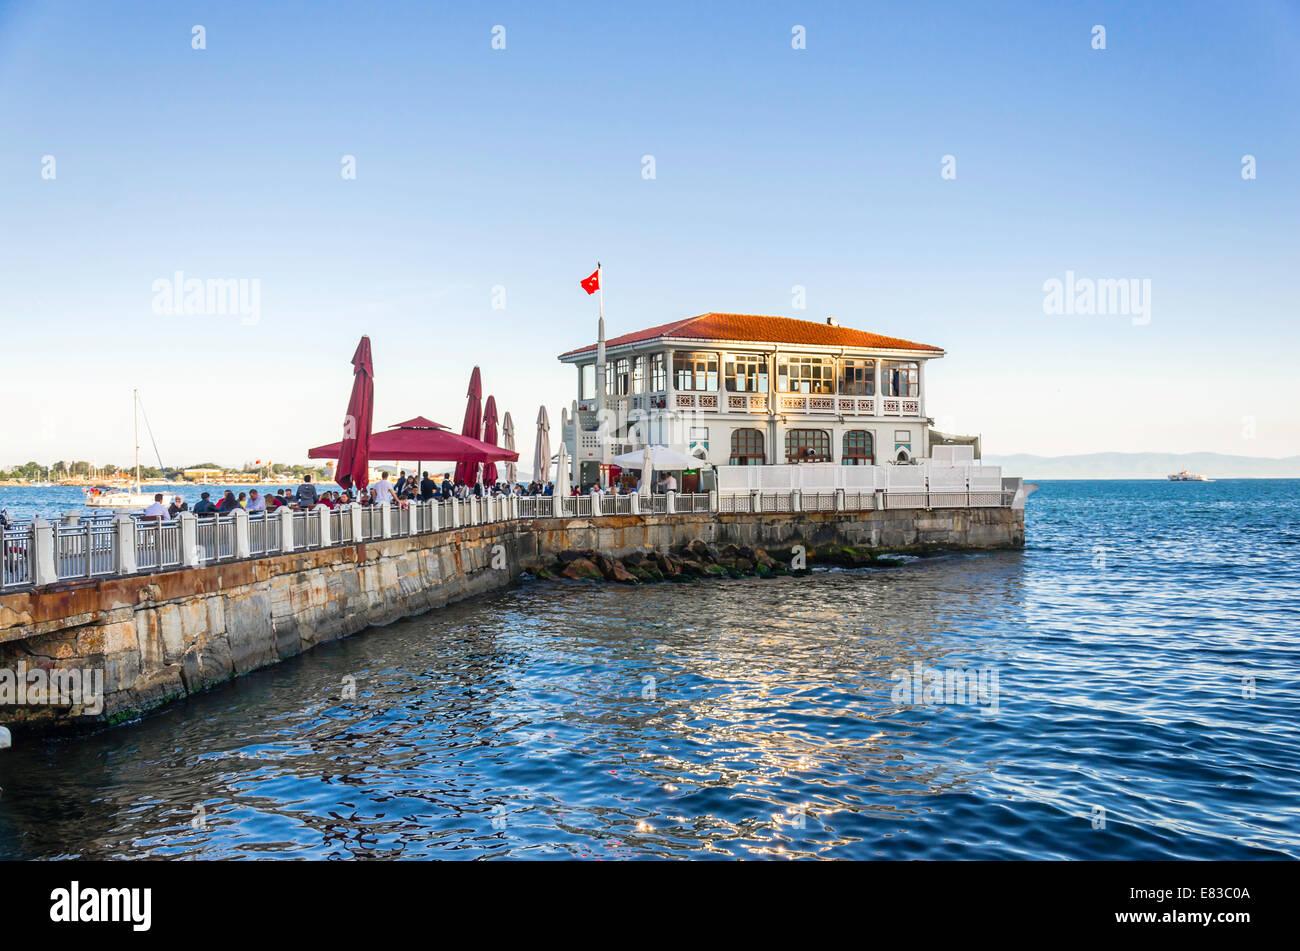 Moda histórico puerto de moda de Estambul, Turquía. Imagen De Stock